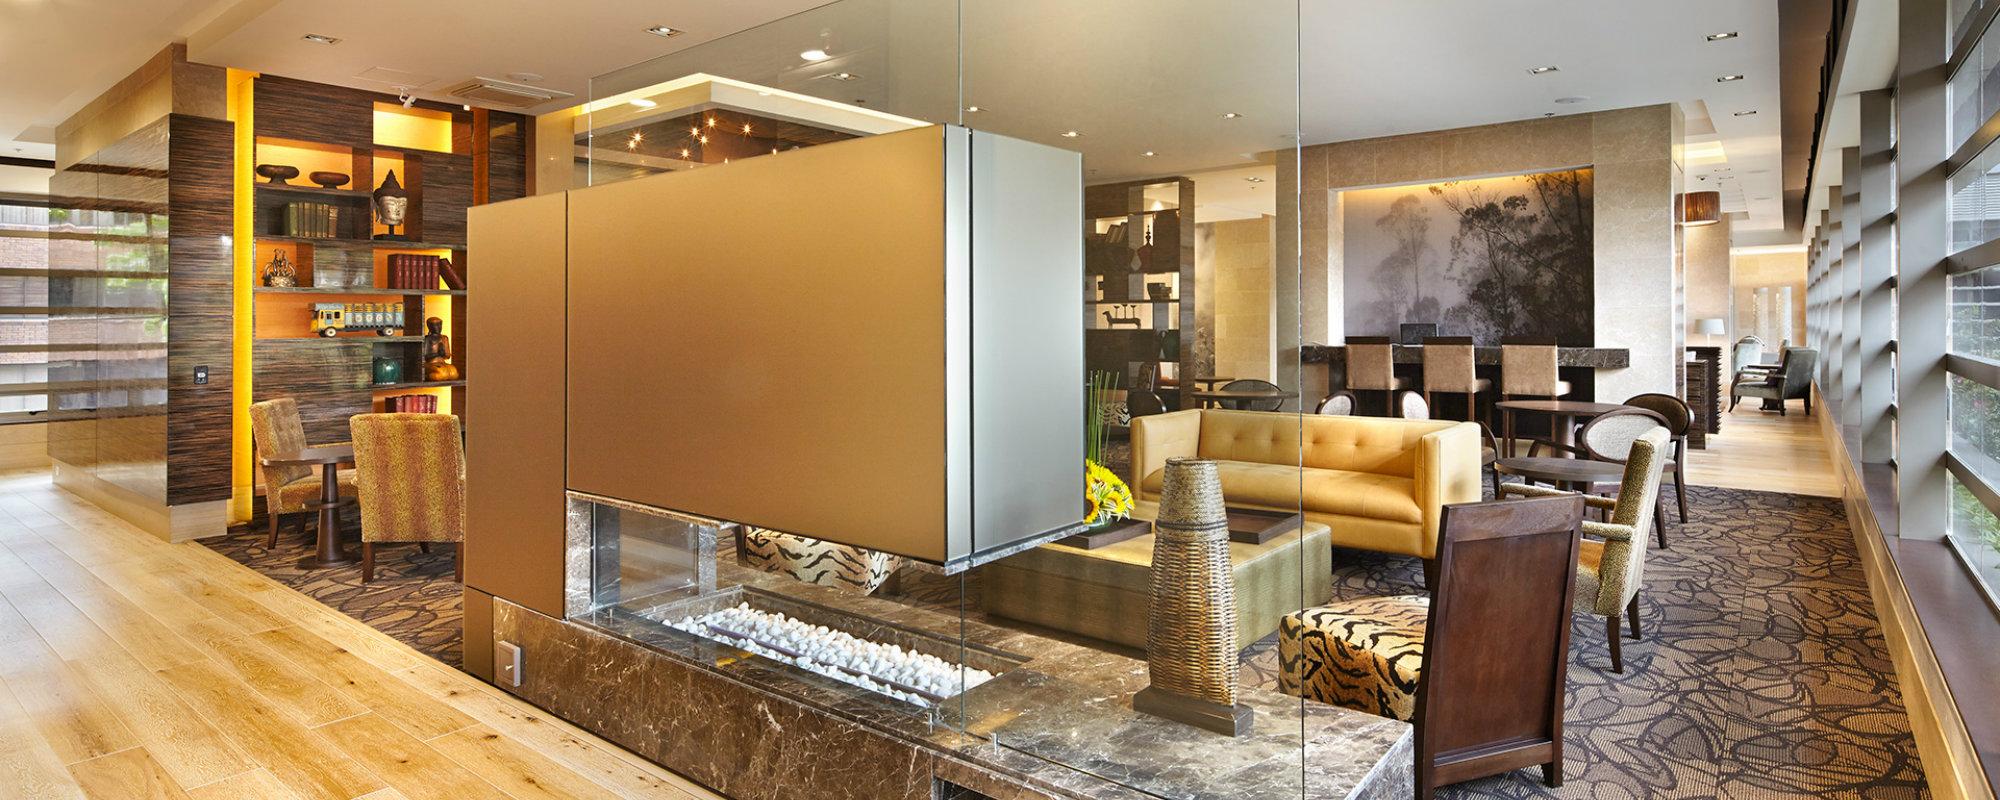 Diseño de Interiores y Arquitectura: Rodrigo Samper & Cia una empresa lujuosa en Colombia diseño de interiores Diseño de Interiores y Arquitectura: Rodrigo Samper & Cia una empresa lujuosa en Colombia Featured 14